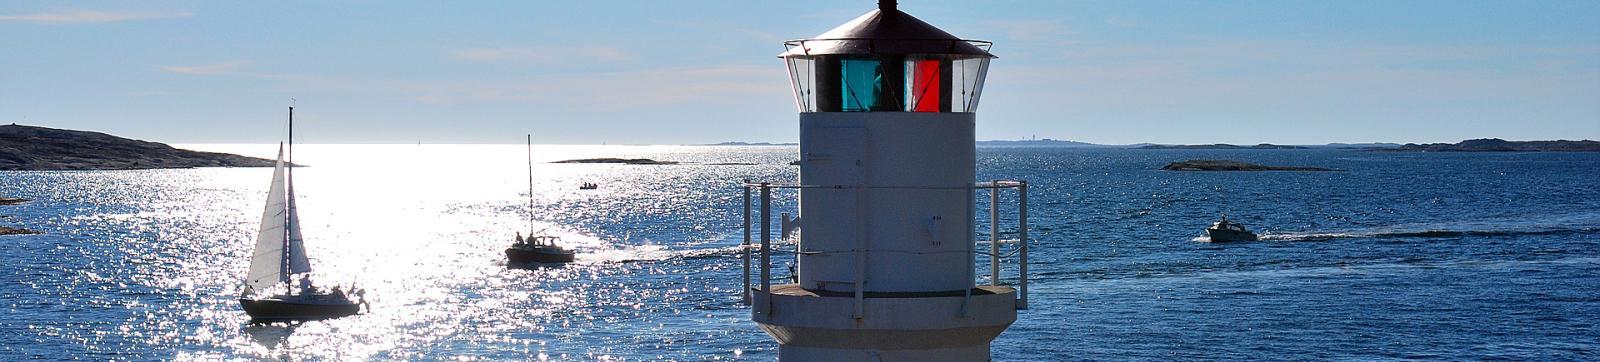 Fyr i förgrunden, hav, kobbar och segelbåt i bakgrunden